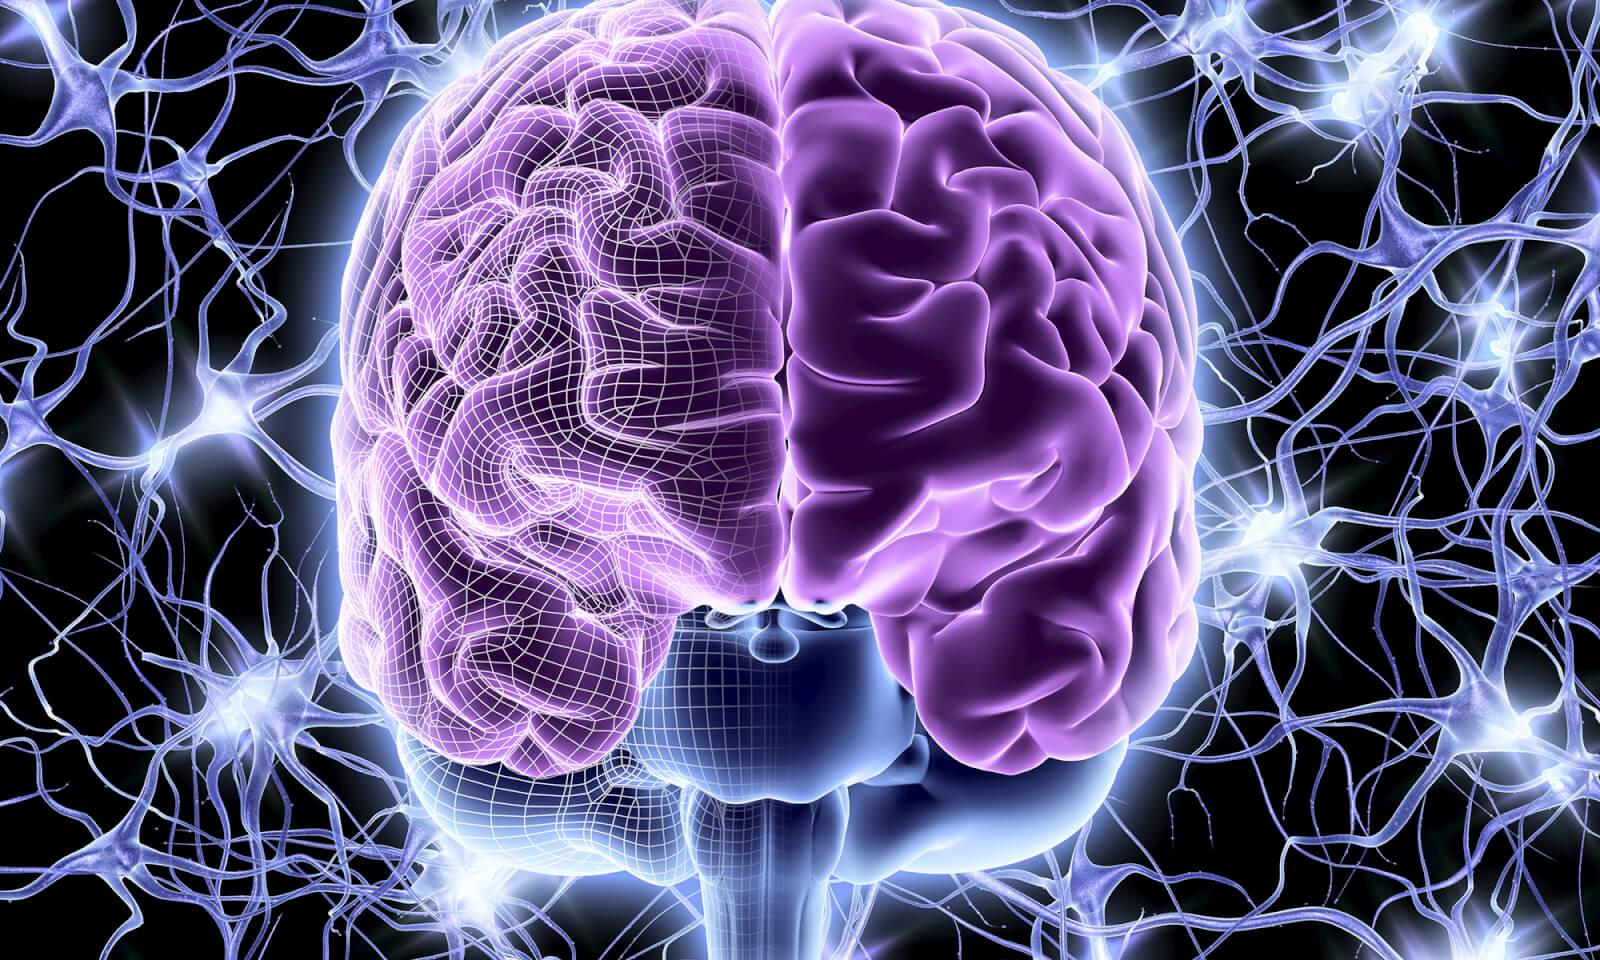 Основные признаки и опасность дисциркуляторной энцефалопатии